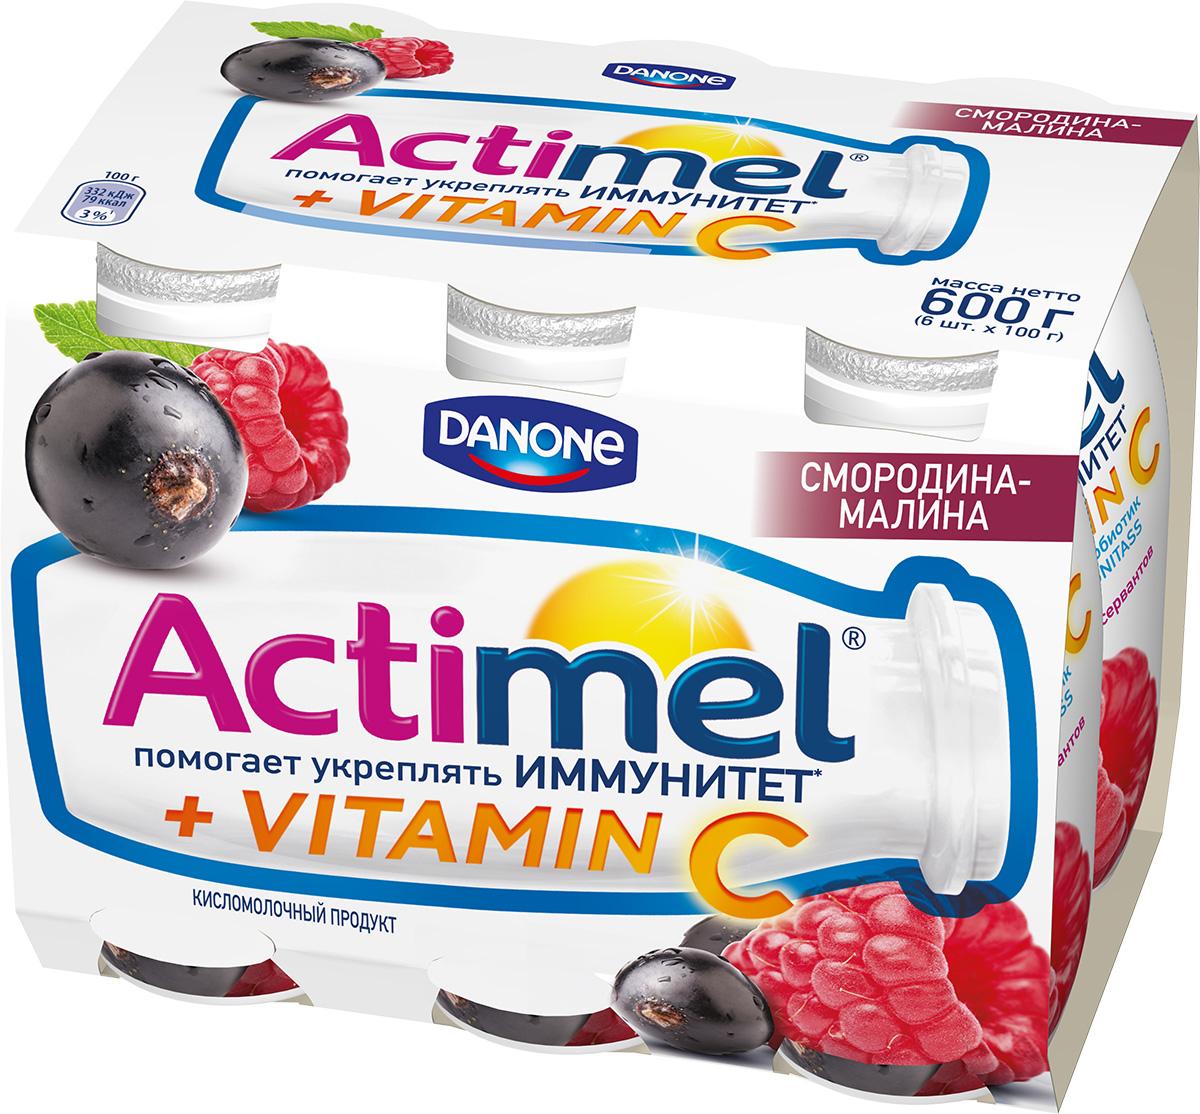 Актимель Продукт кисломолочный, Смородина-Малина 2,5%, 6 шт по 100 г105065Напиток Actimel Смородина-малина 2.5% - это уникальный кисломолочный продукт с чудесным вкусом садовых ягод, в котором помимо пробиотиков содержатся особые лактобактерии L.Casei Imunitass и витамин C, повышающие иммунитет.Пищевая ценность в 100 г продукта: Энергетическая ценность: 79 ккал Белки: 2,65 г Жиры: 2,5 г Углеводы: 11,5 г, в том числе сахароза: 8,4 г